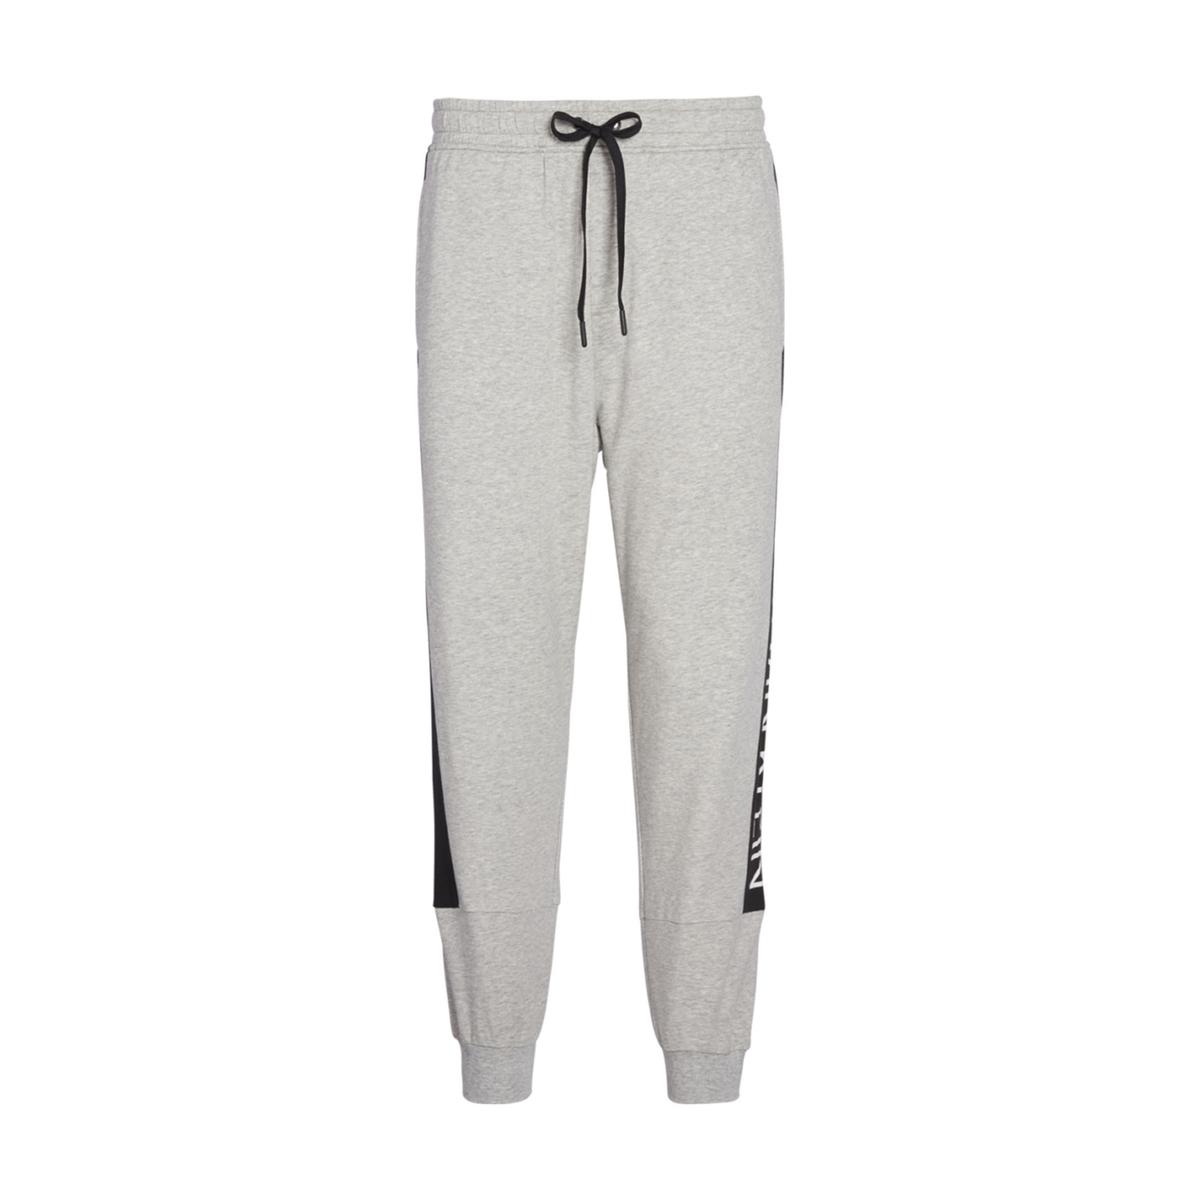 Pyjama-Hose Statement